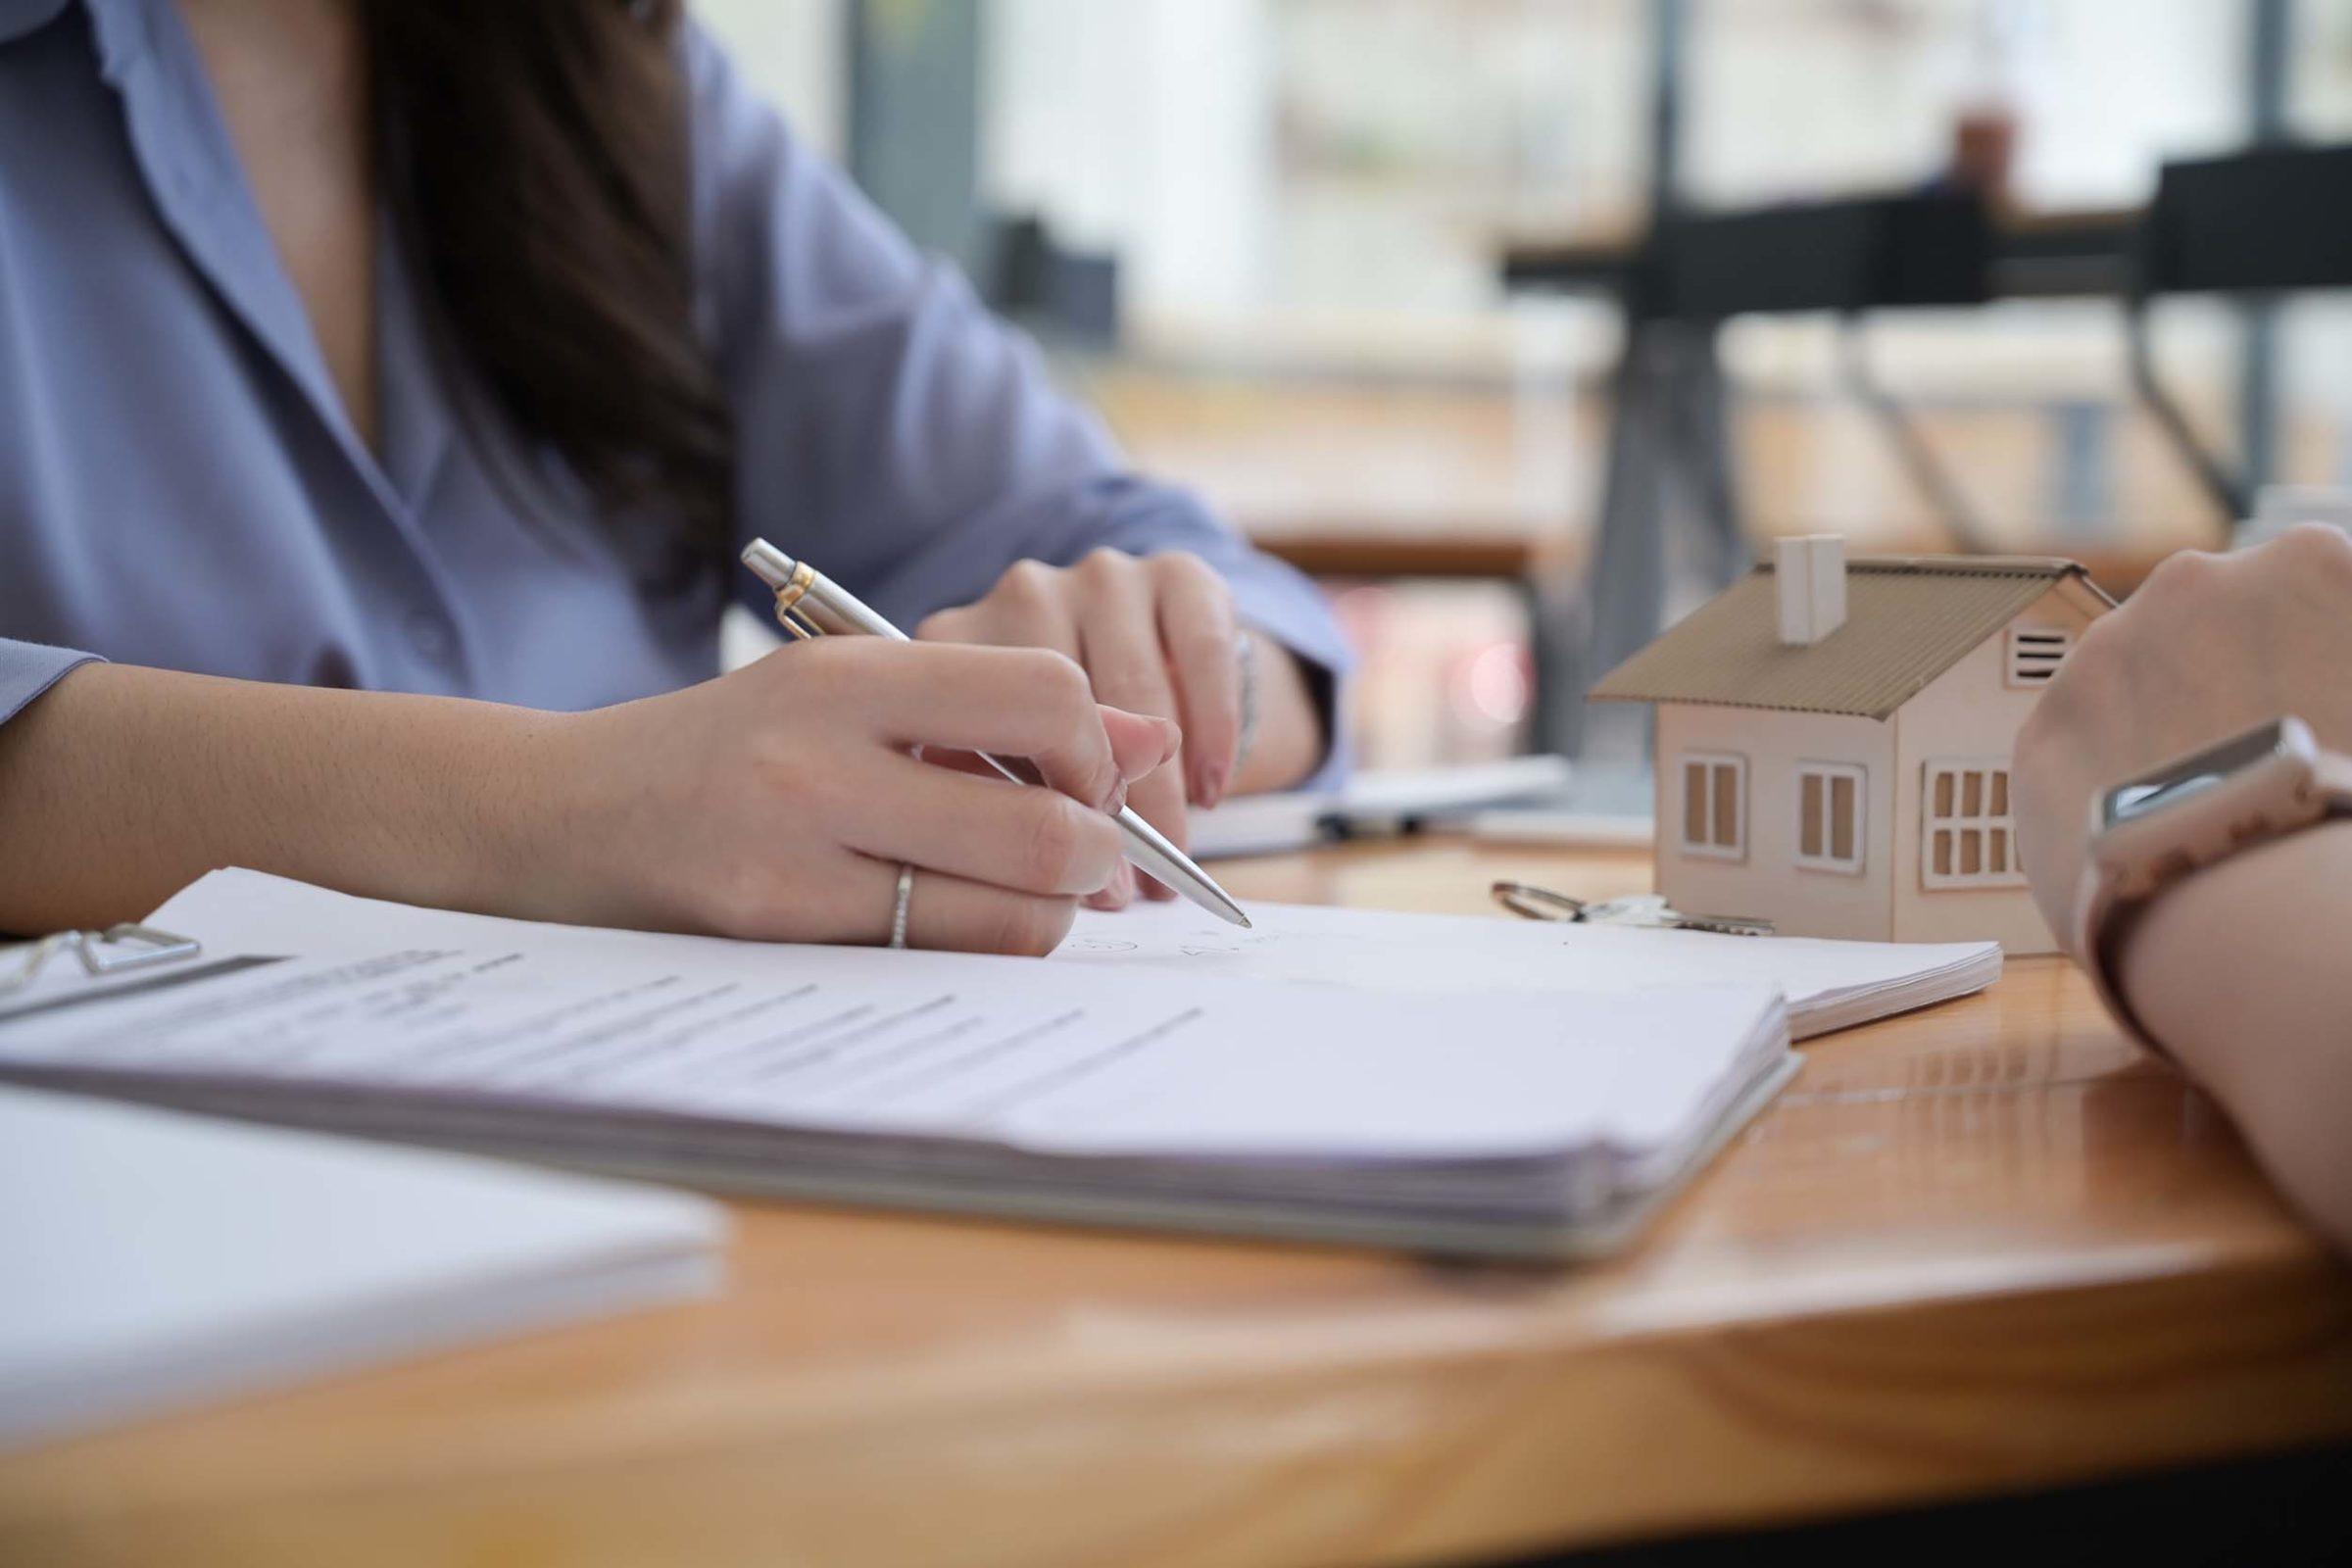 Hausordnung: Frau zeigt mit Stift auf ein Dokument